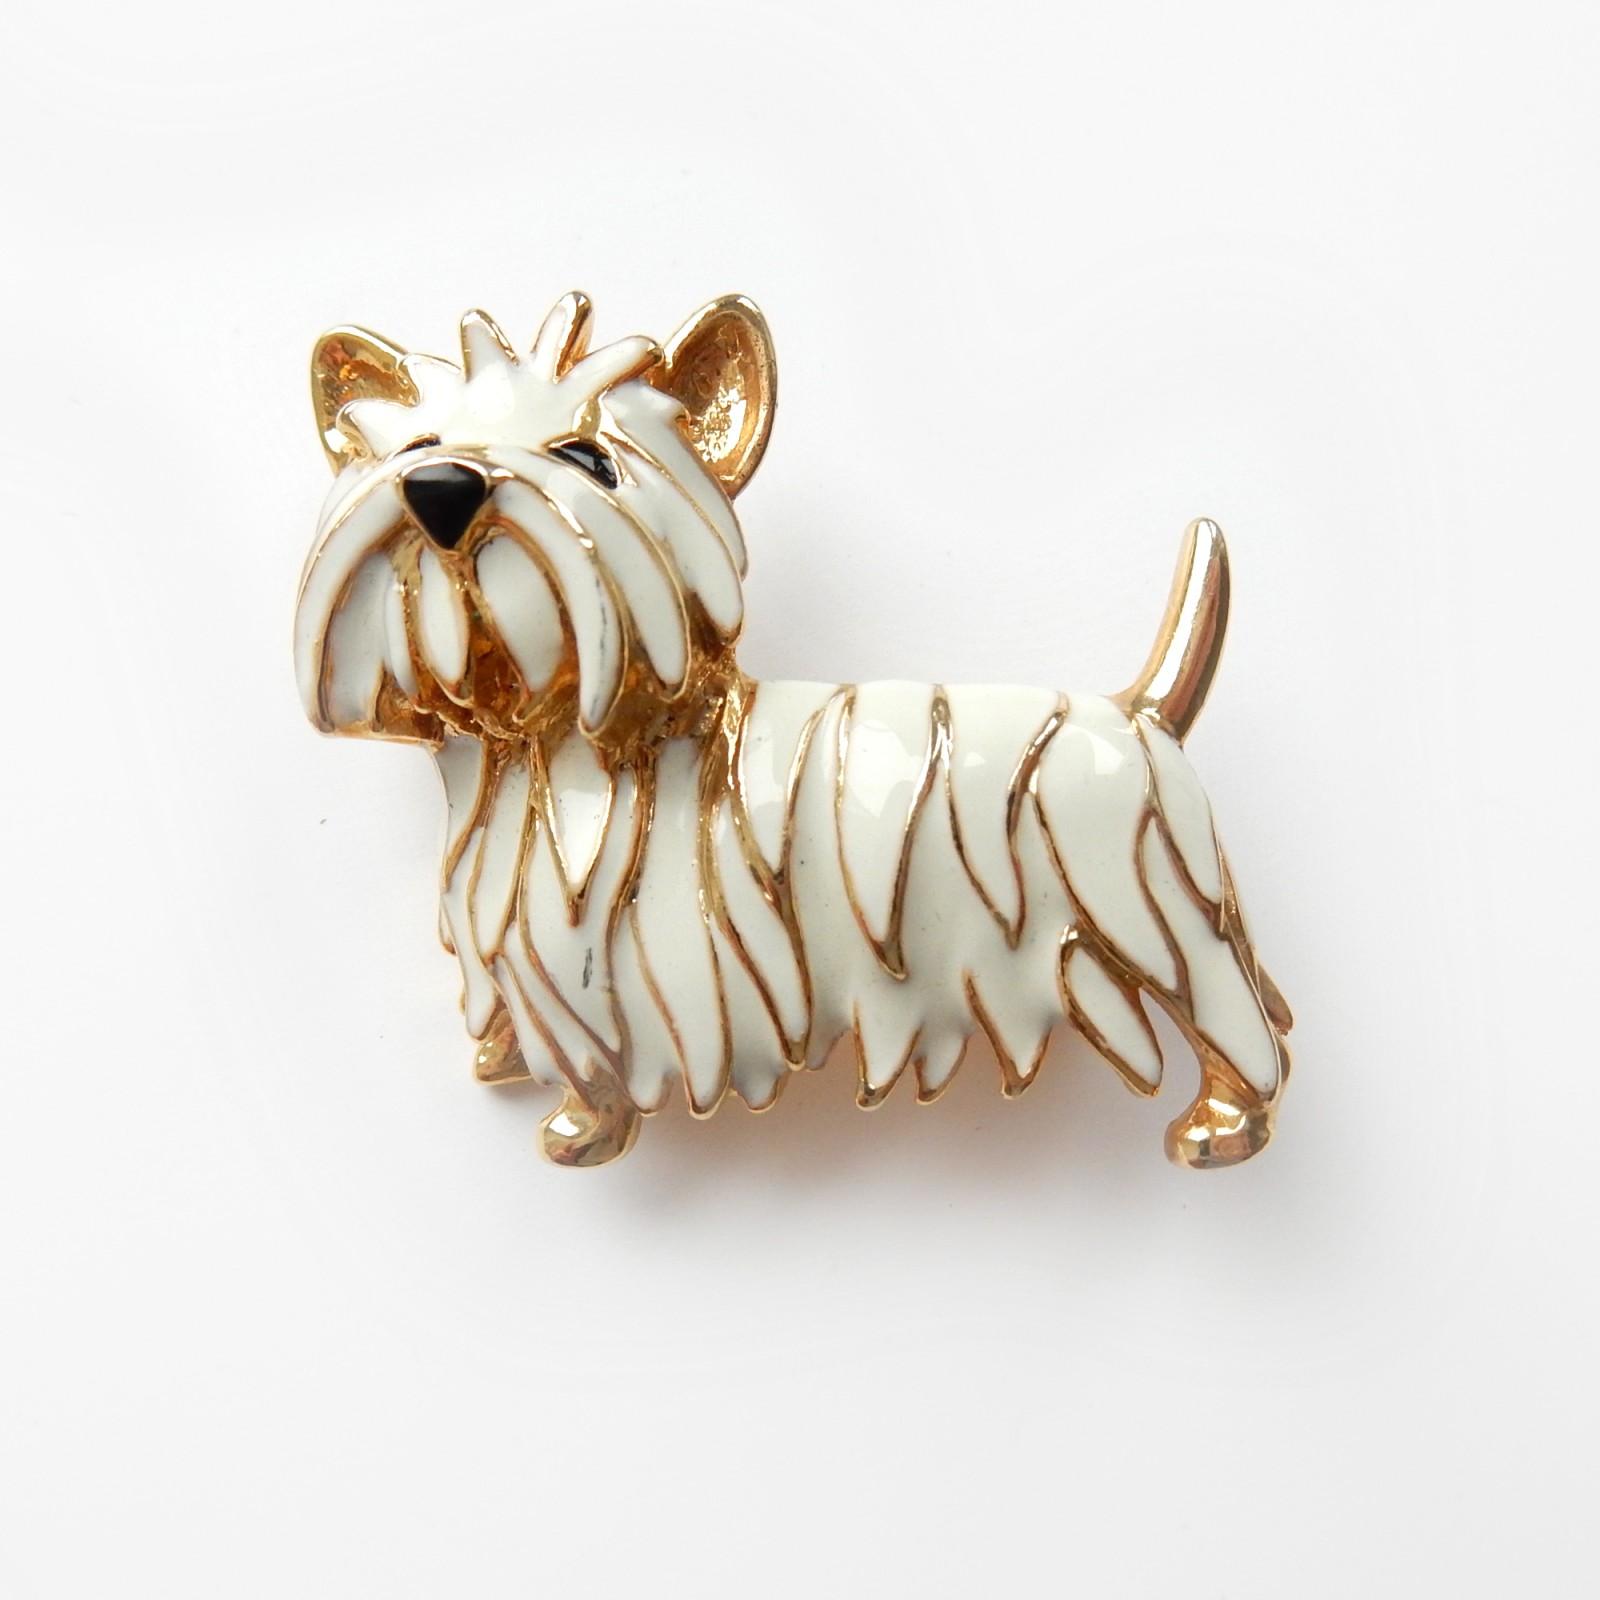 Photo of Vintage Enamel Gold Yorkshire Terrier Dog Brooch